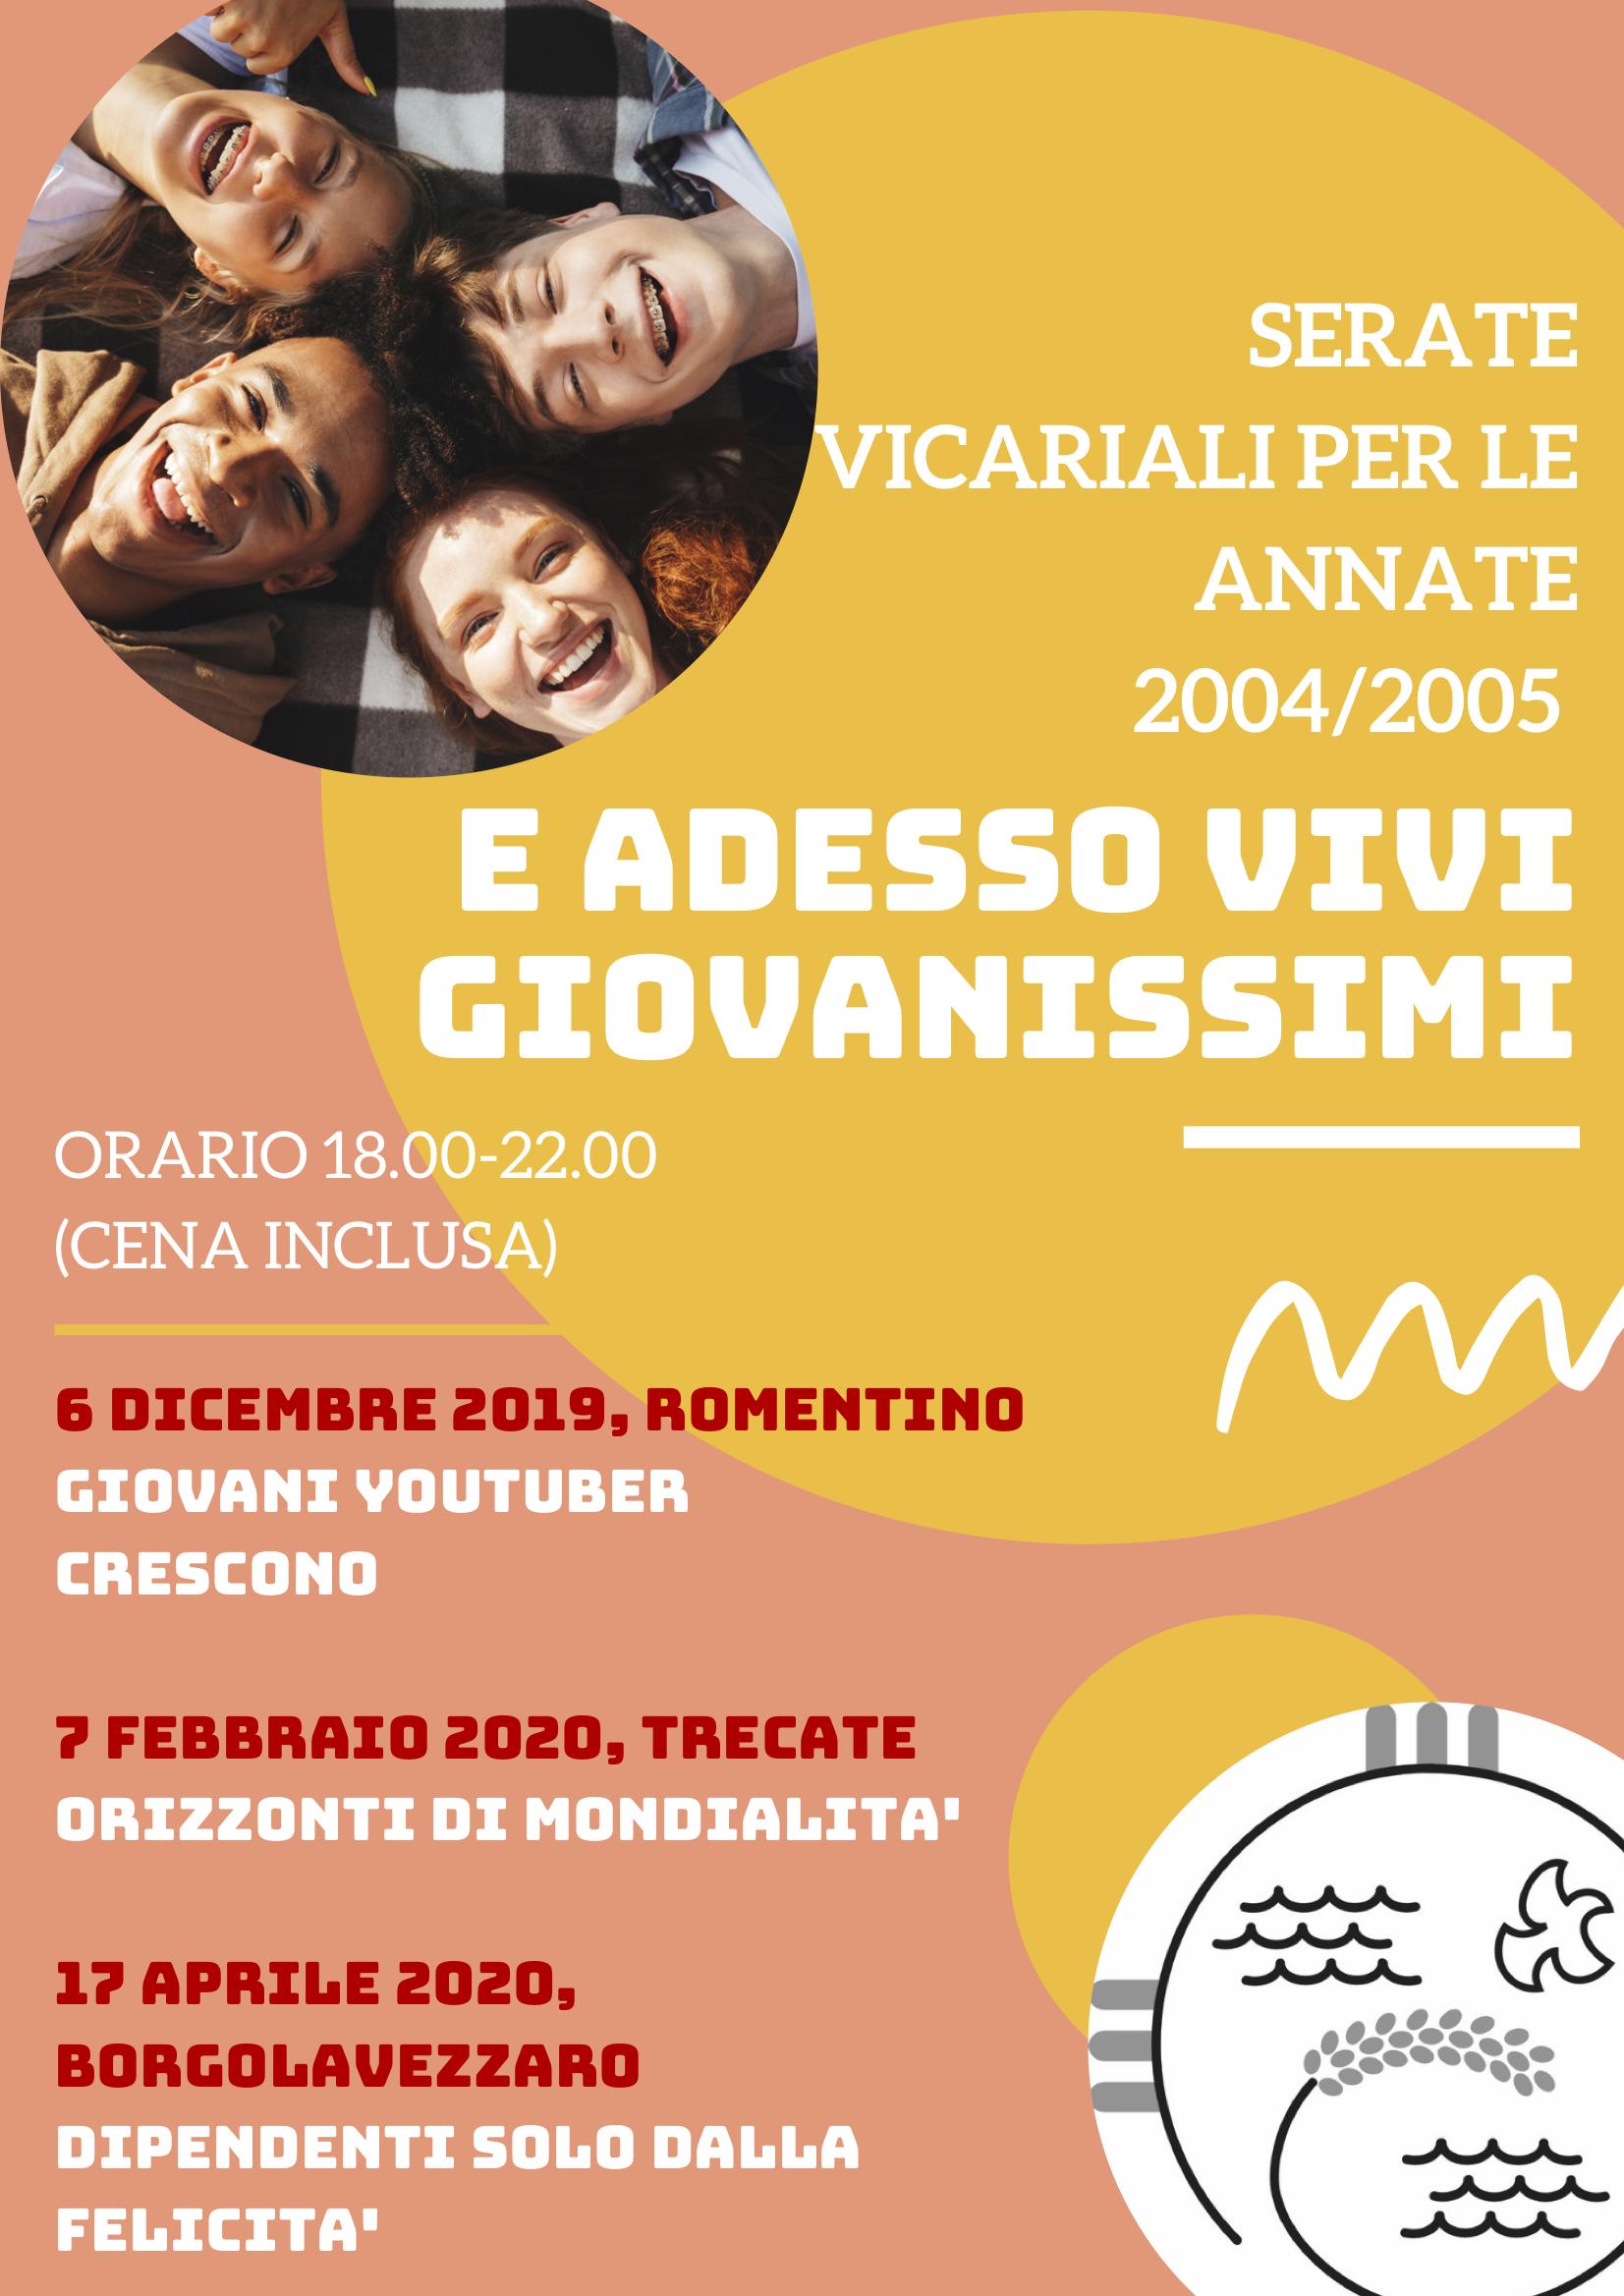 bp191206-Incontri20042005Vicariato